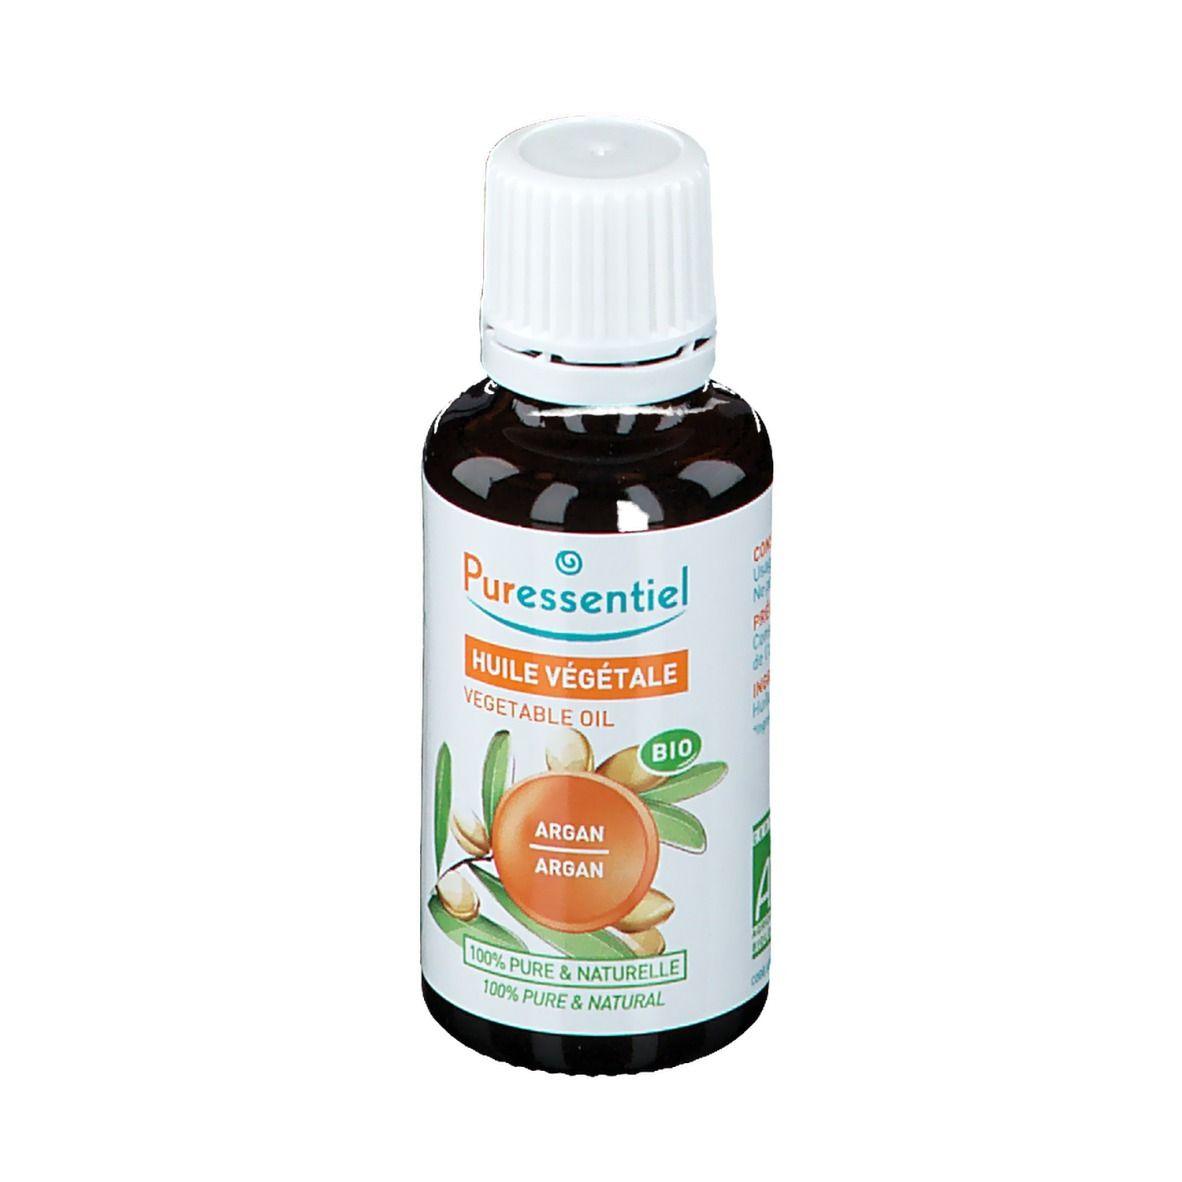 Puressentiel Huile végétale Argan Bio ml huile